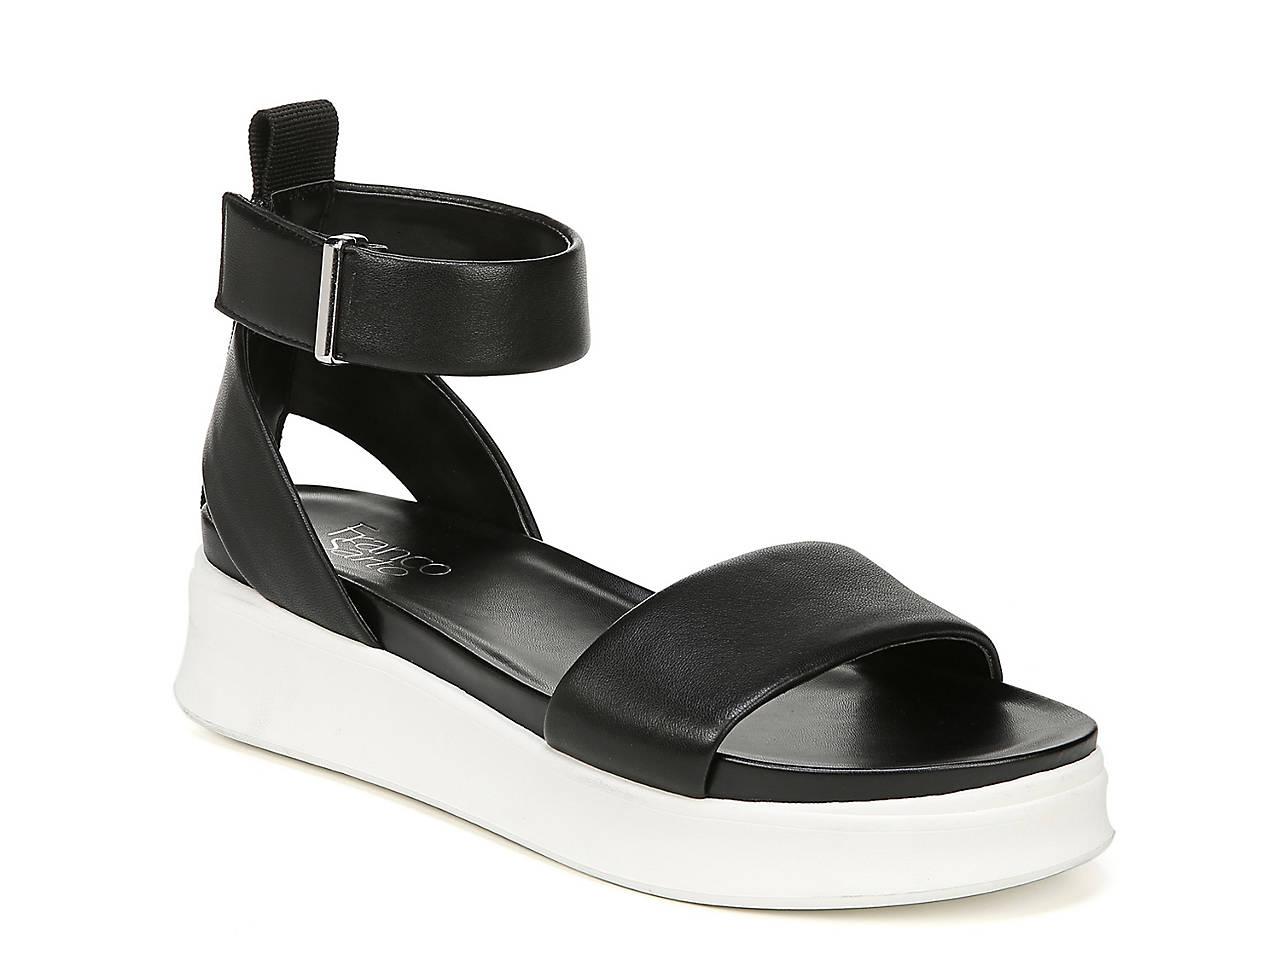 31bbe6bc214 Emmett Platform Sandal